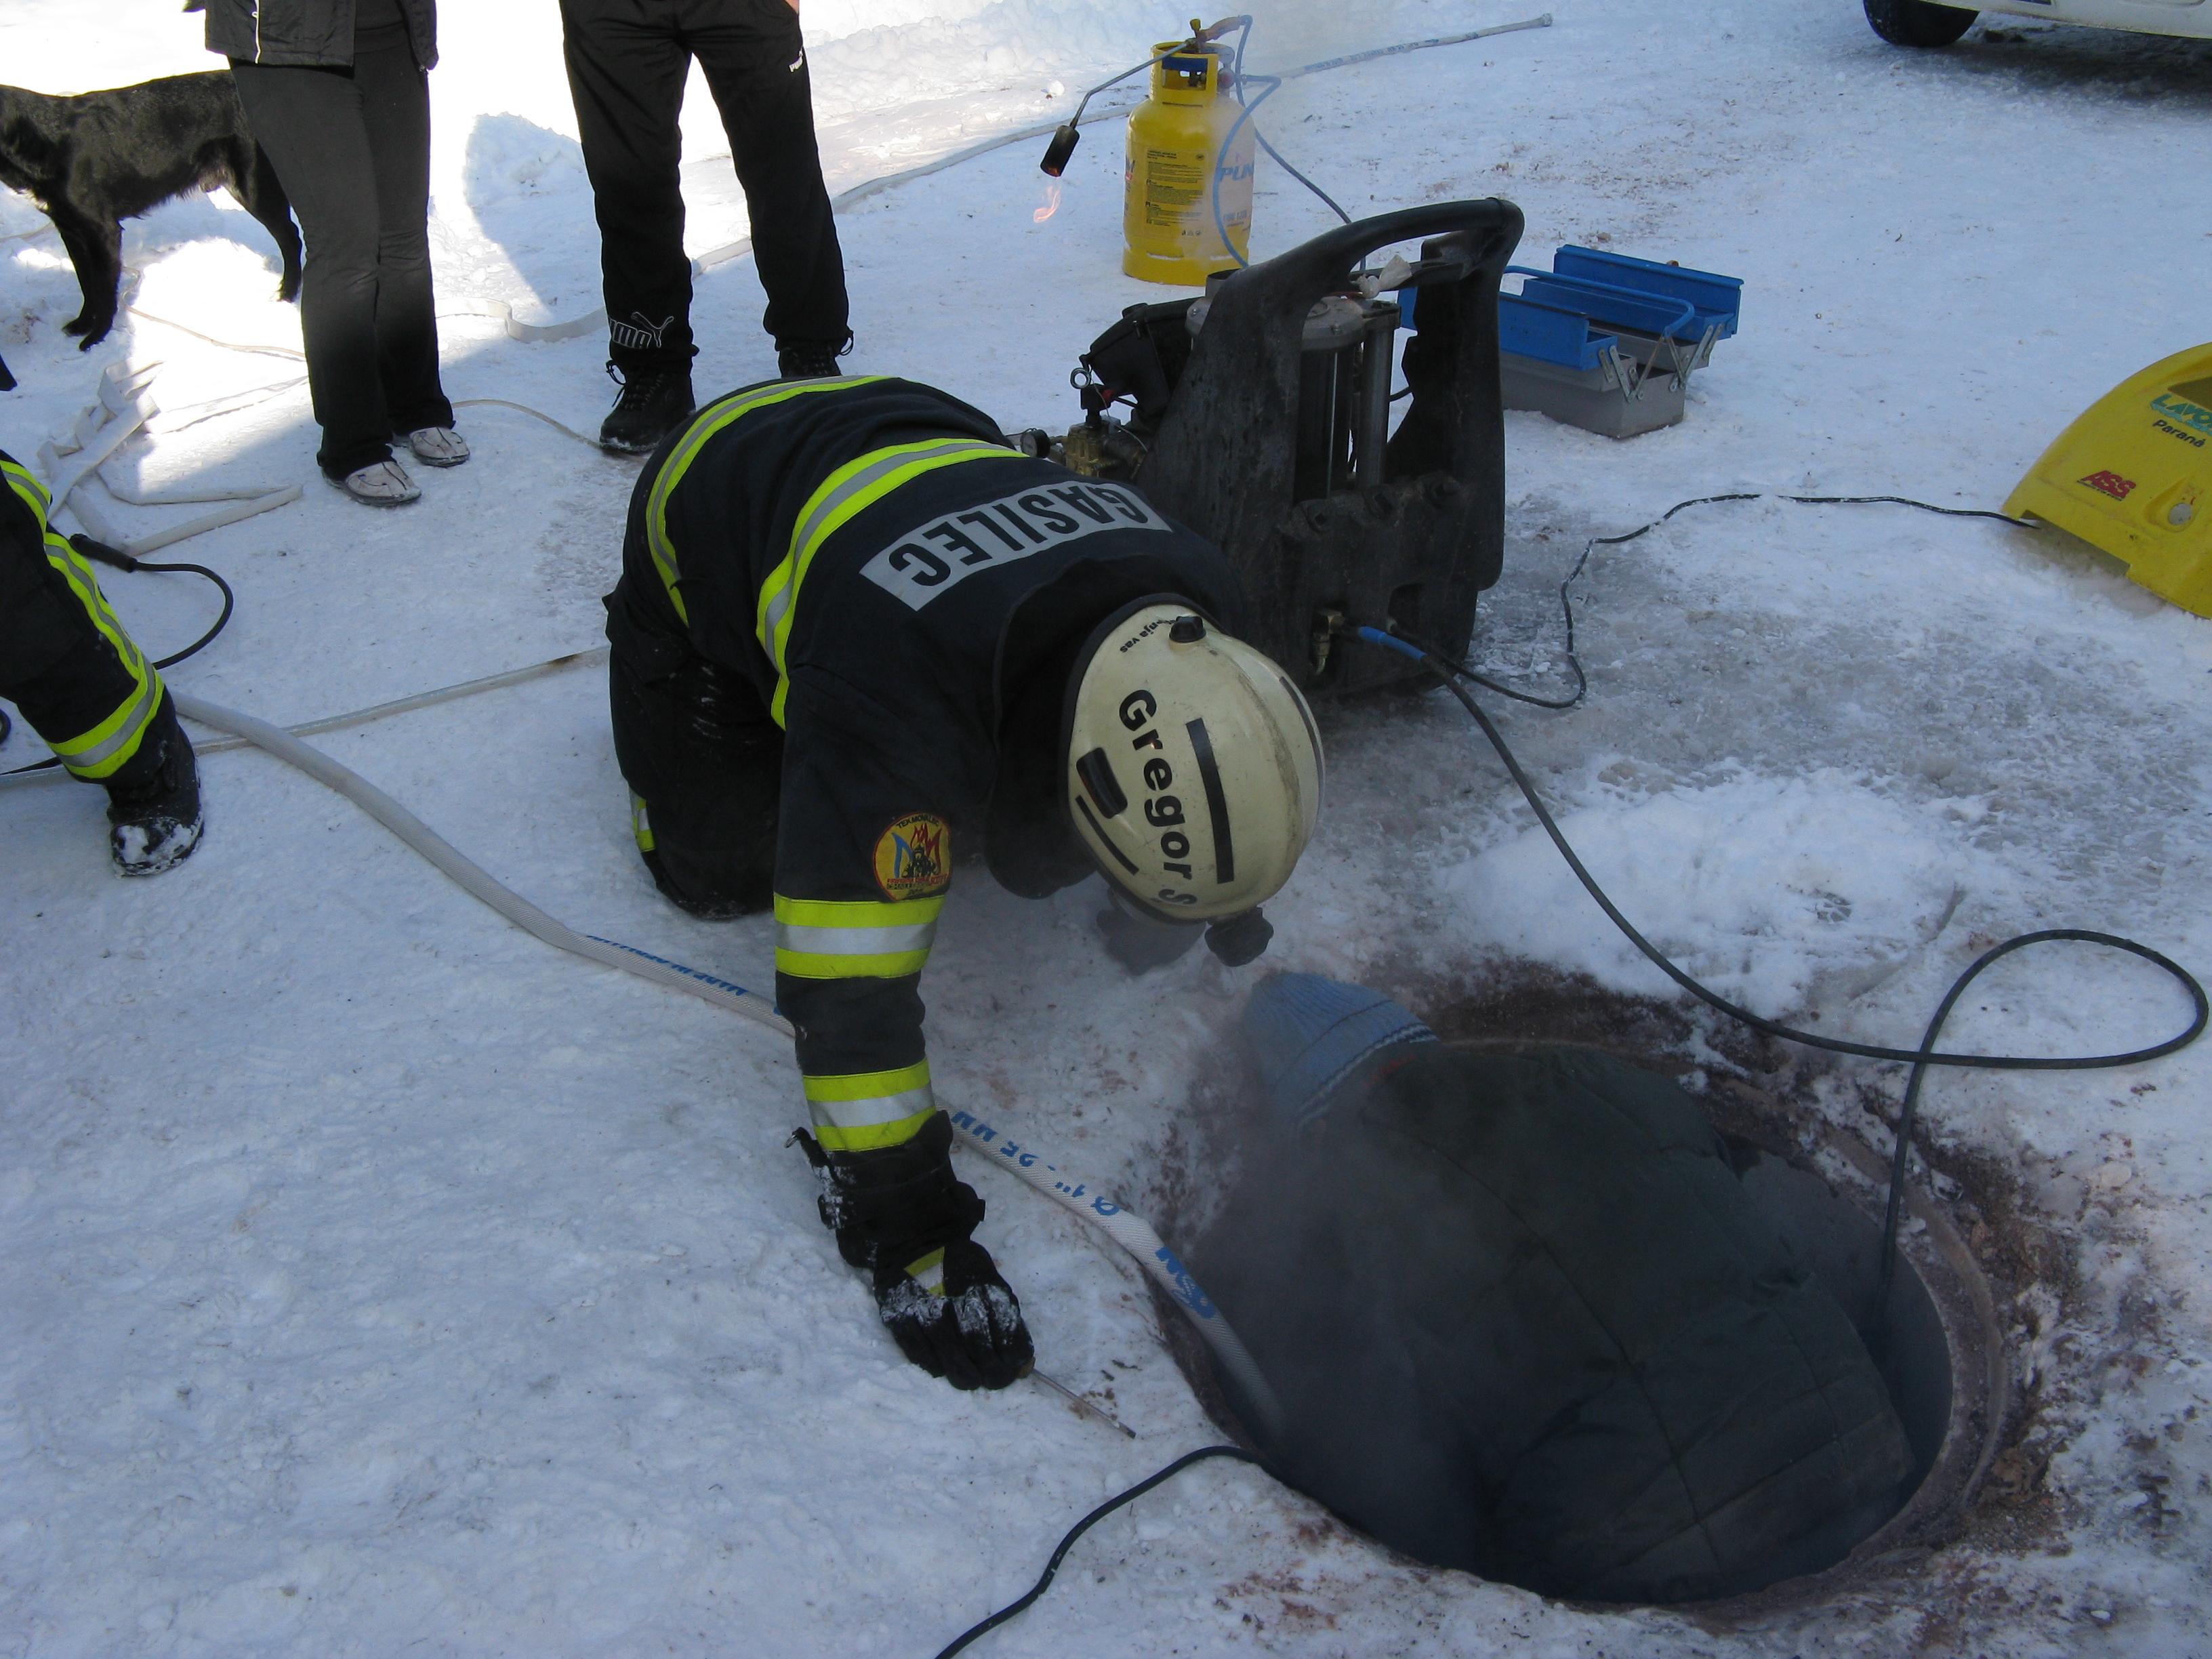 INTERVENCIJA: Tehnična in druga pomoč 8.2.2012